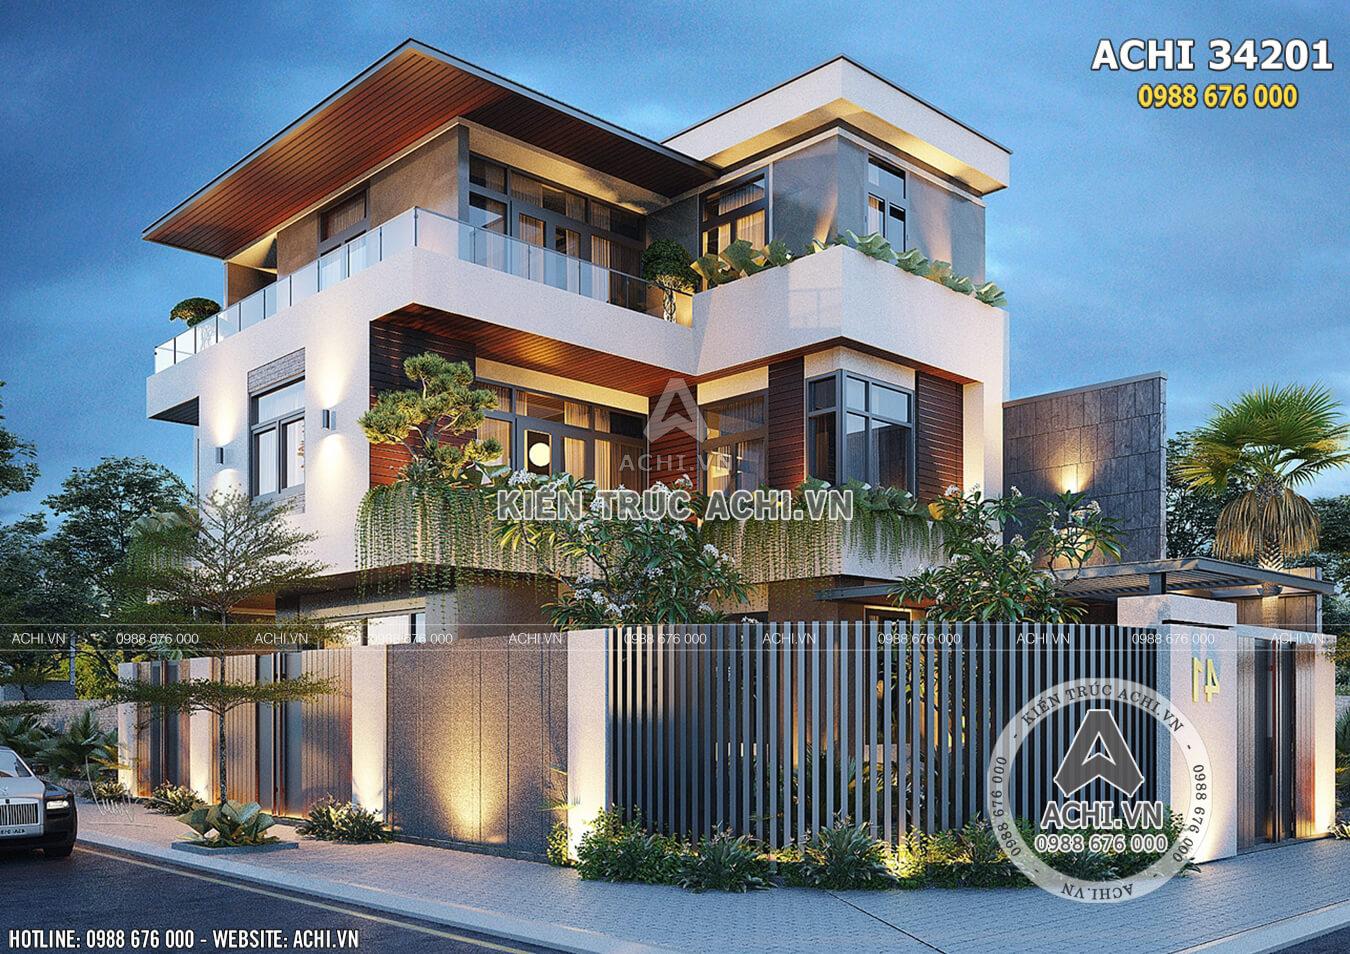 Thiết kế biệt thự đẹp hiện đại sang trọng - ACHI 34201